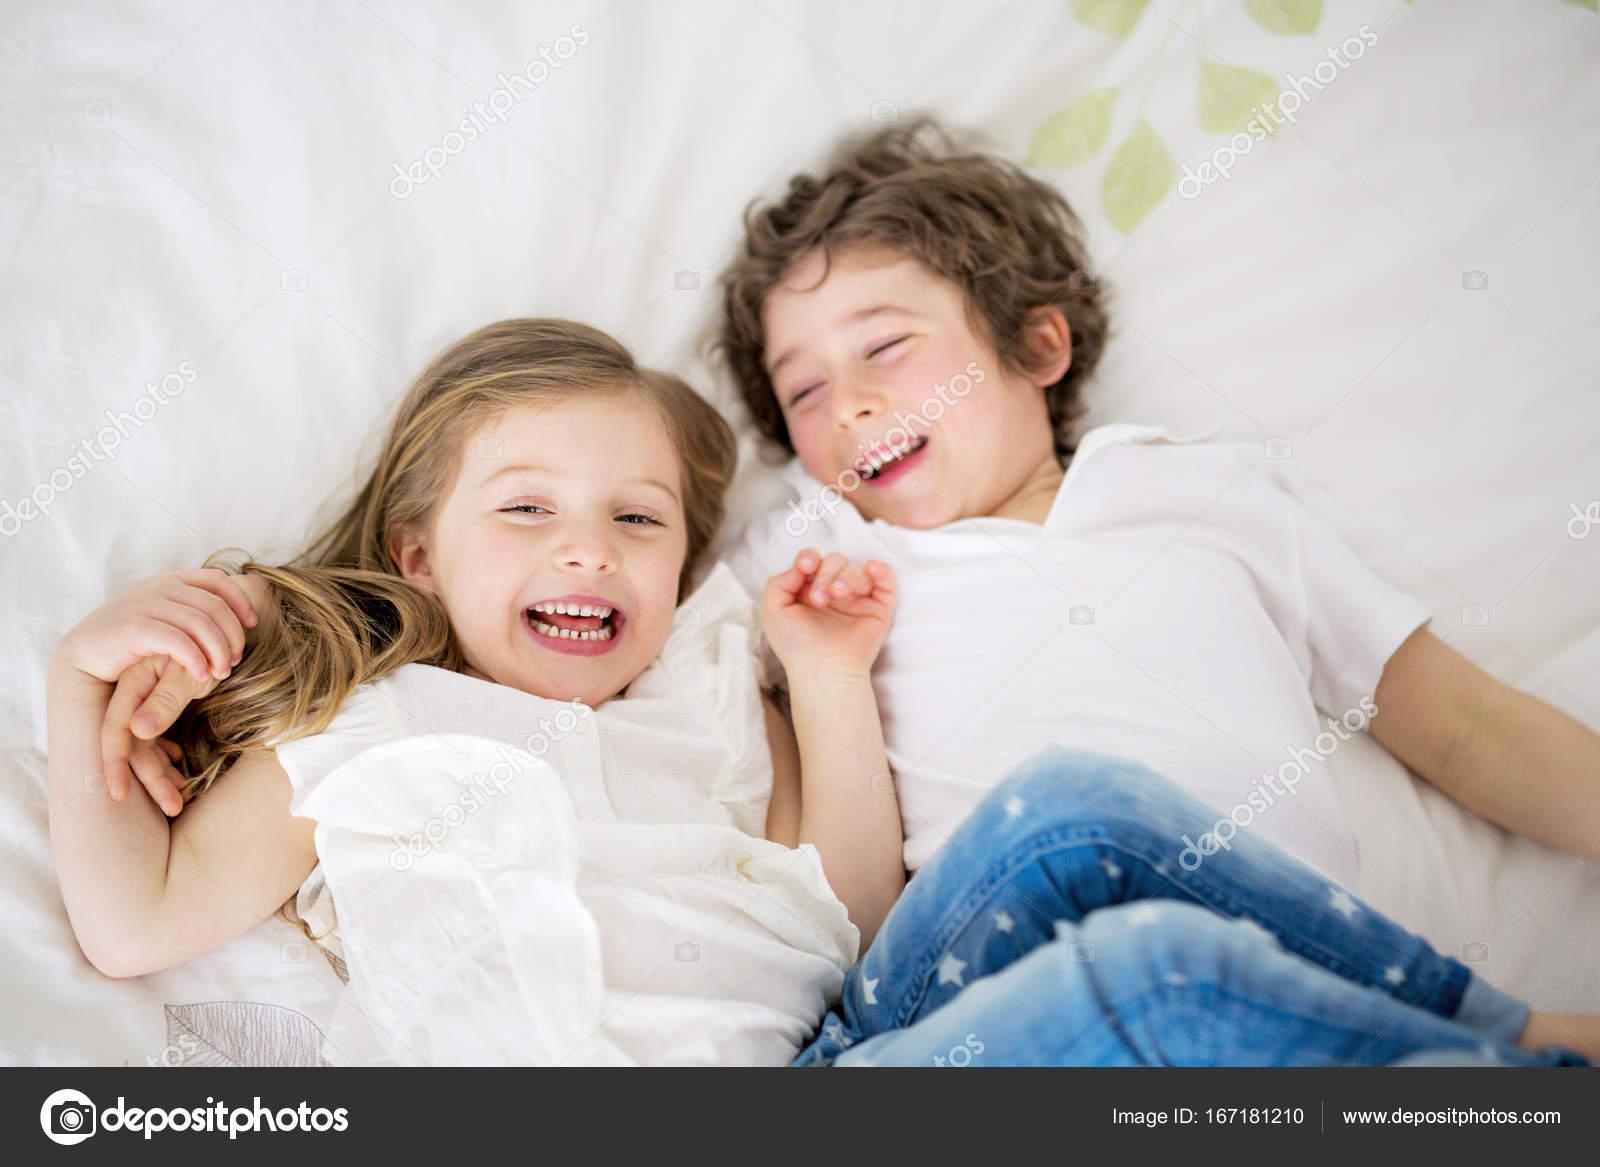 Сестра ибрат ебутся, Брат и сестра порно. Смотреть брат ебет сестру порно 17 фотография